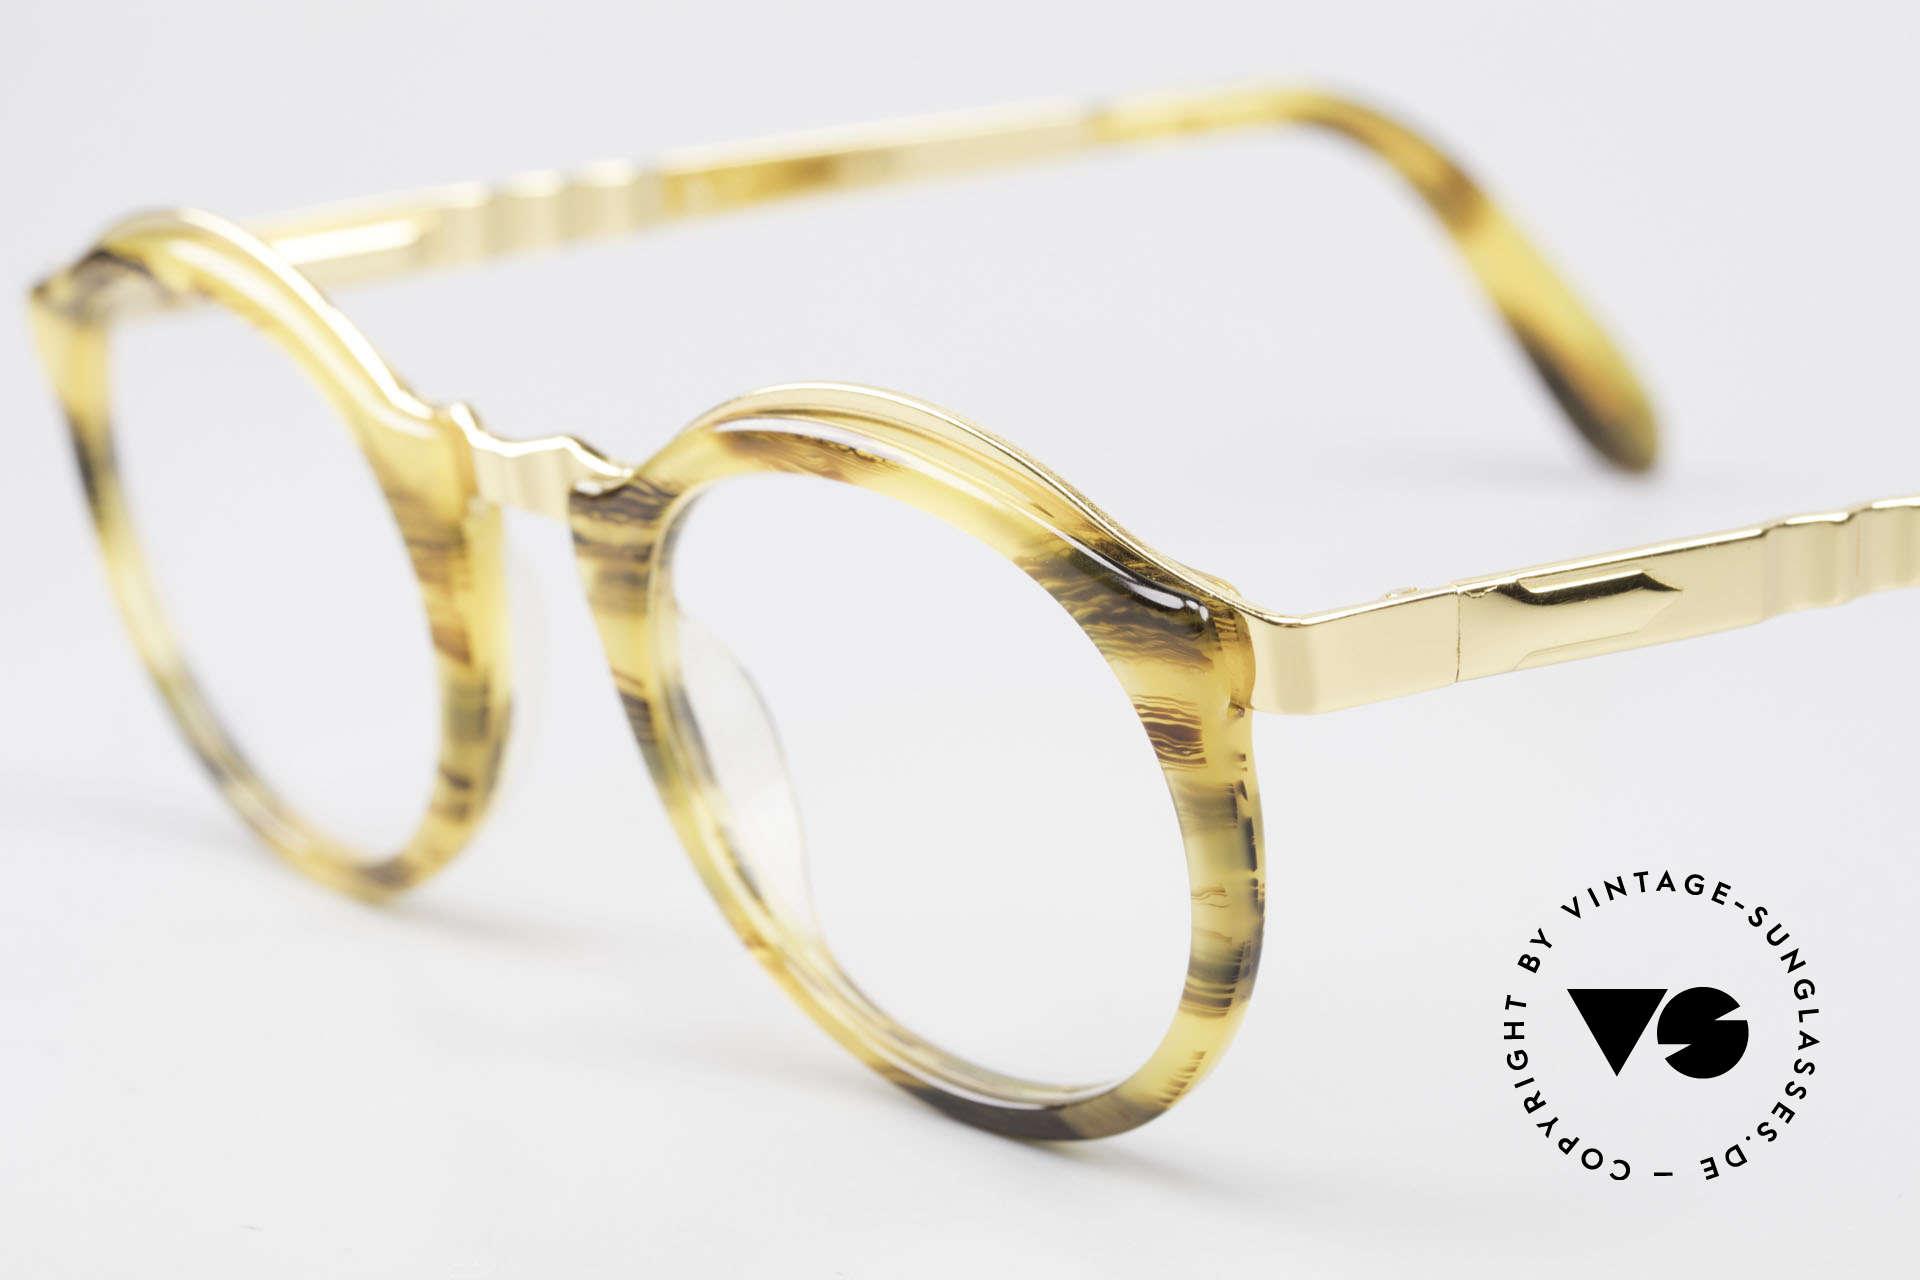 Persol Ivy Gold Plated Panto Brille Small, ungetragen (wie alle unsere vintage Persol Brillen), Passend für Herren und Damen